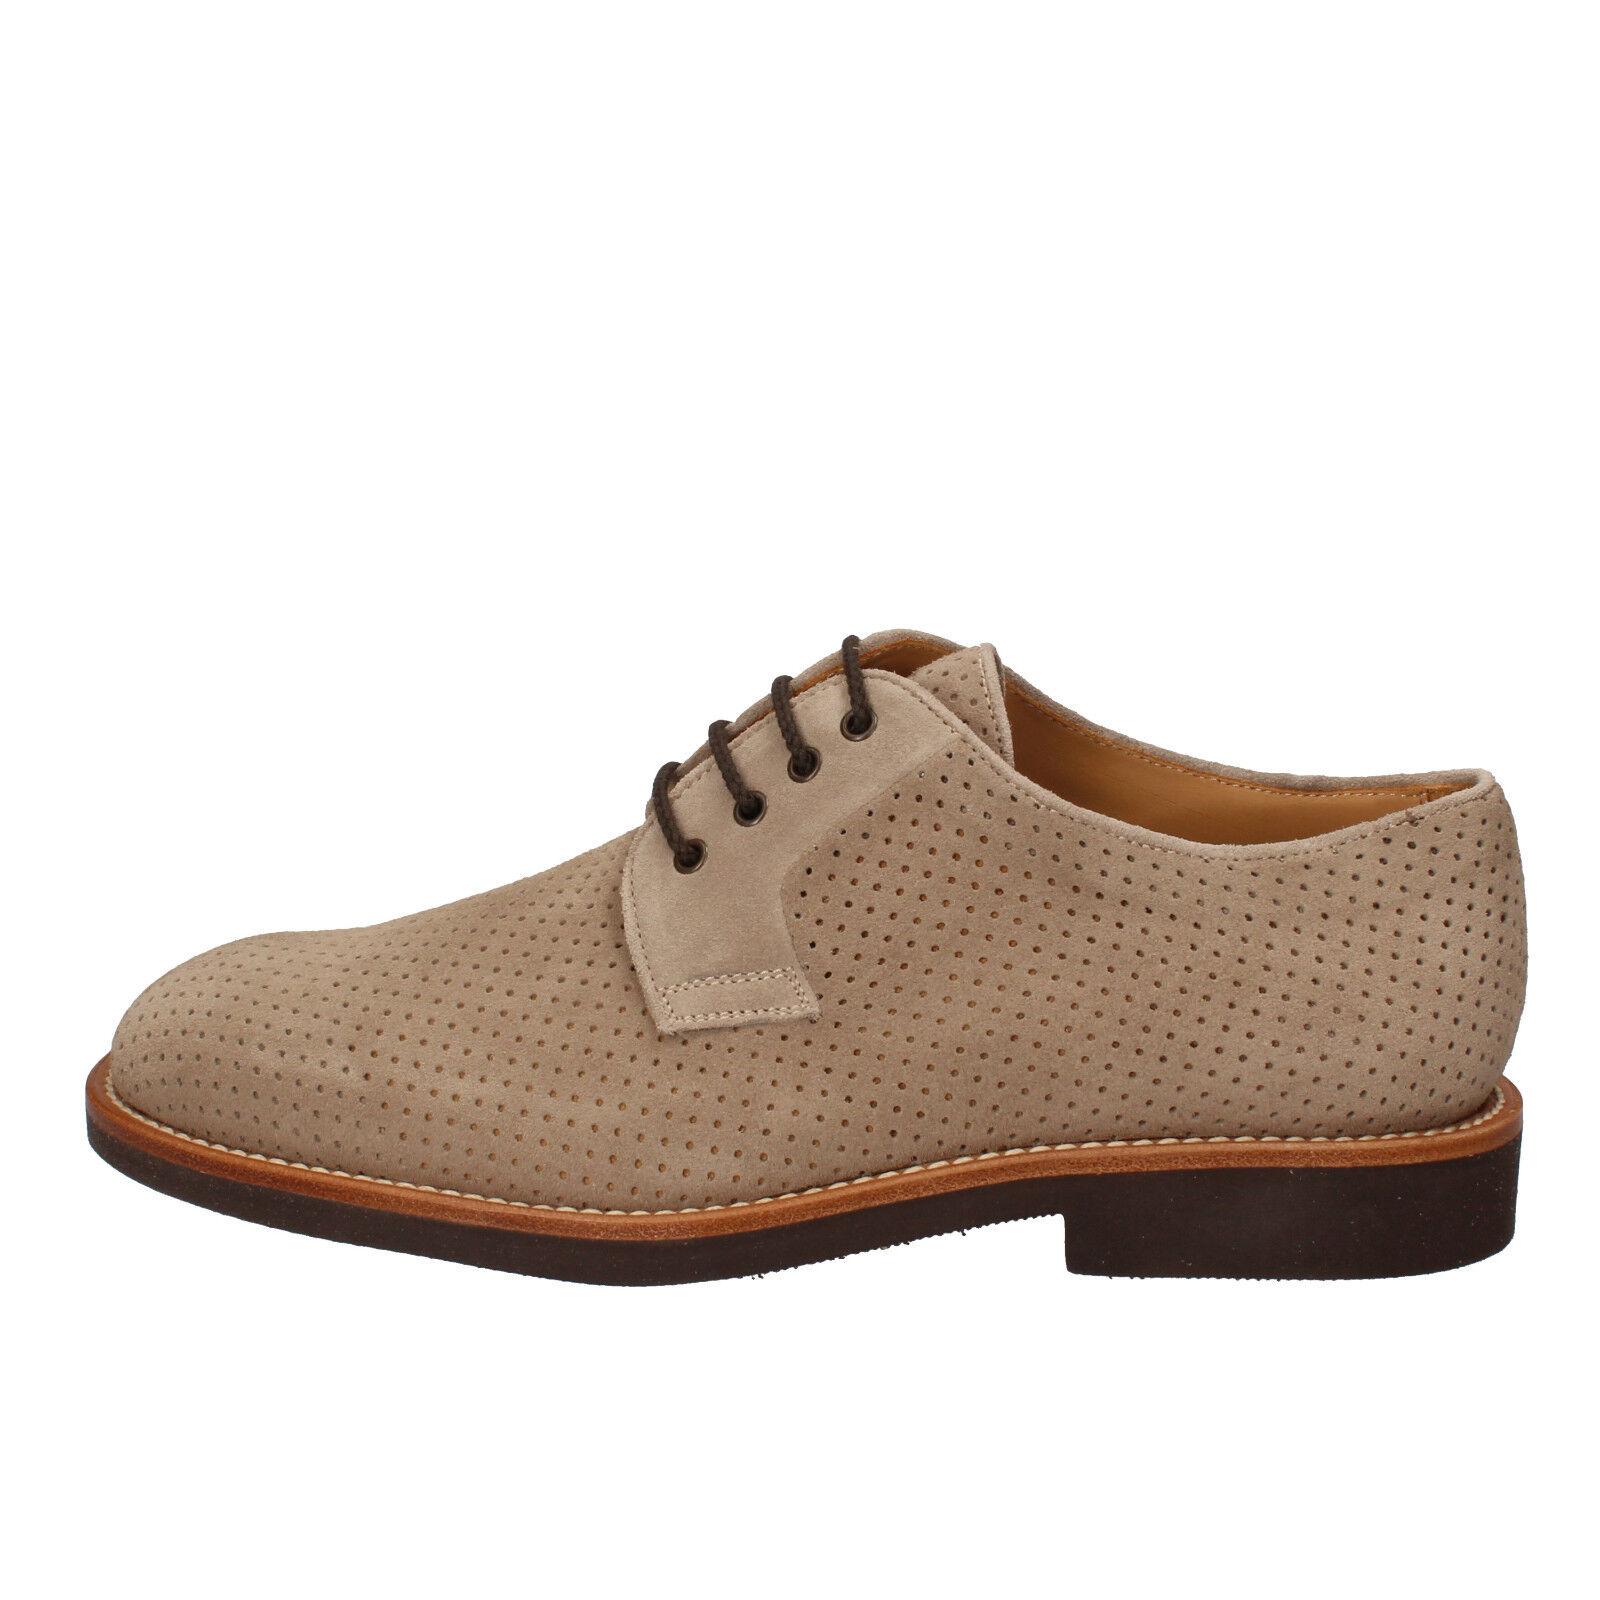 Mens shoes DI MELLA 6,5 (EU 40,5) elegant beige suede AD228-C